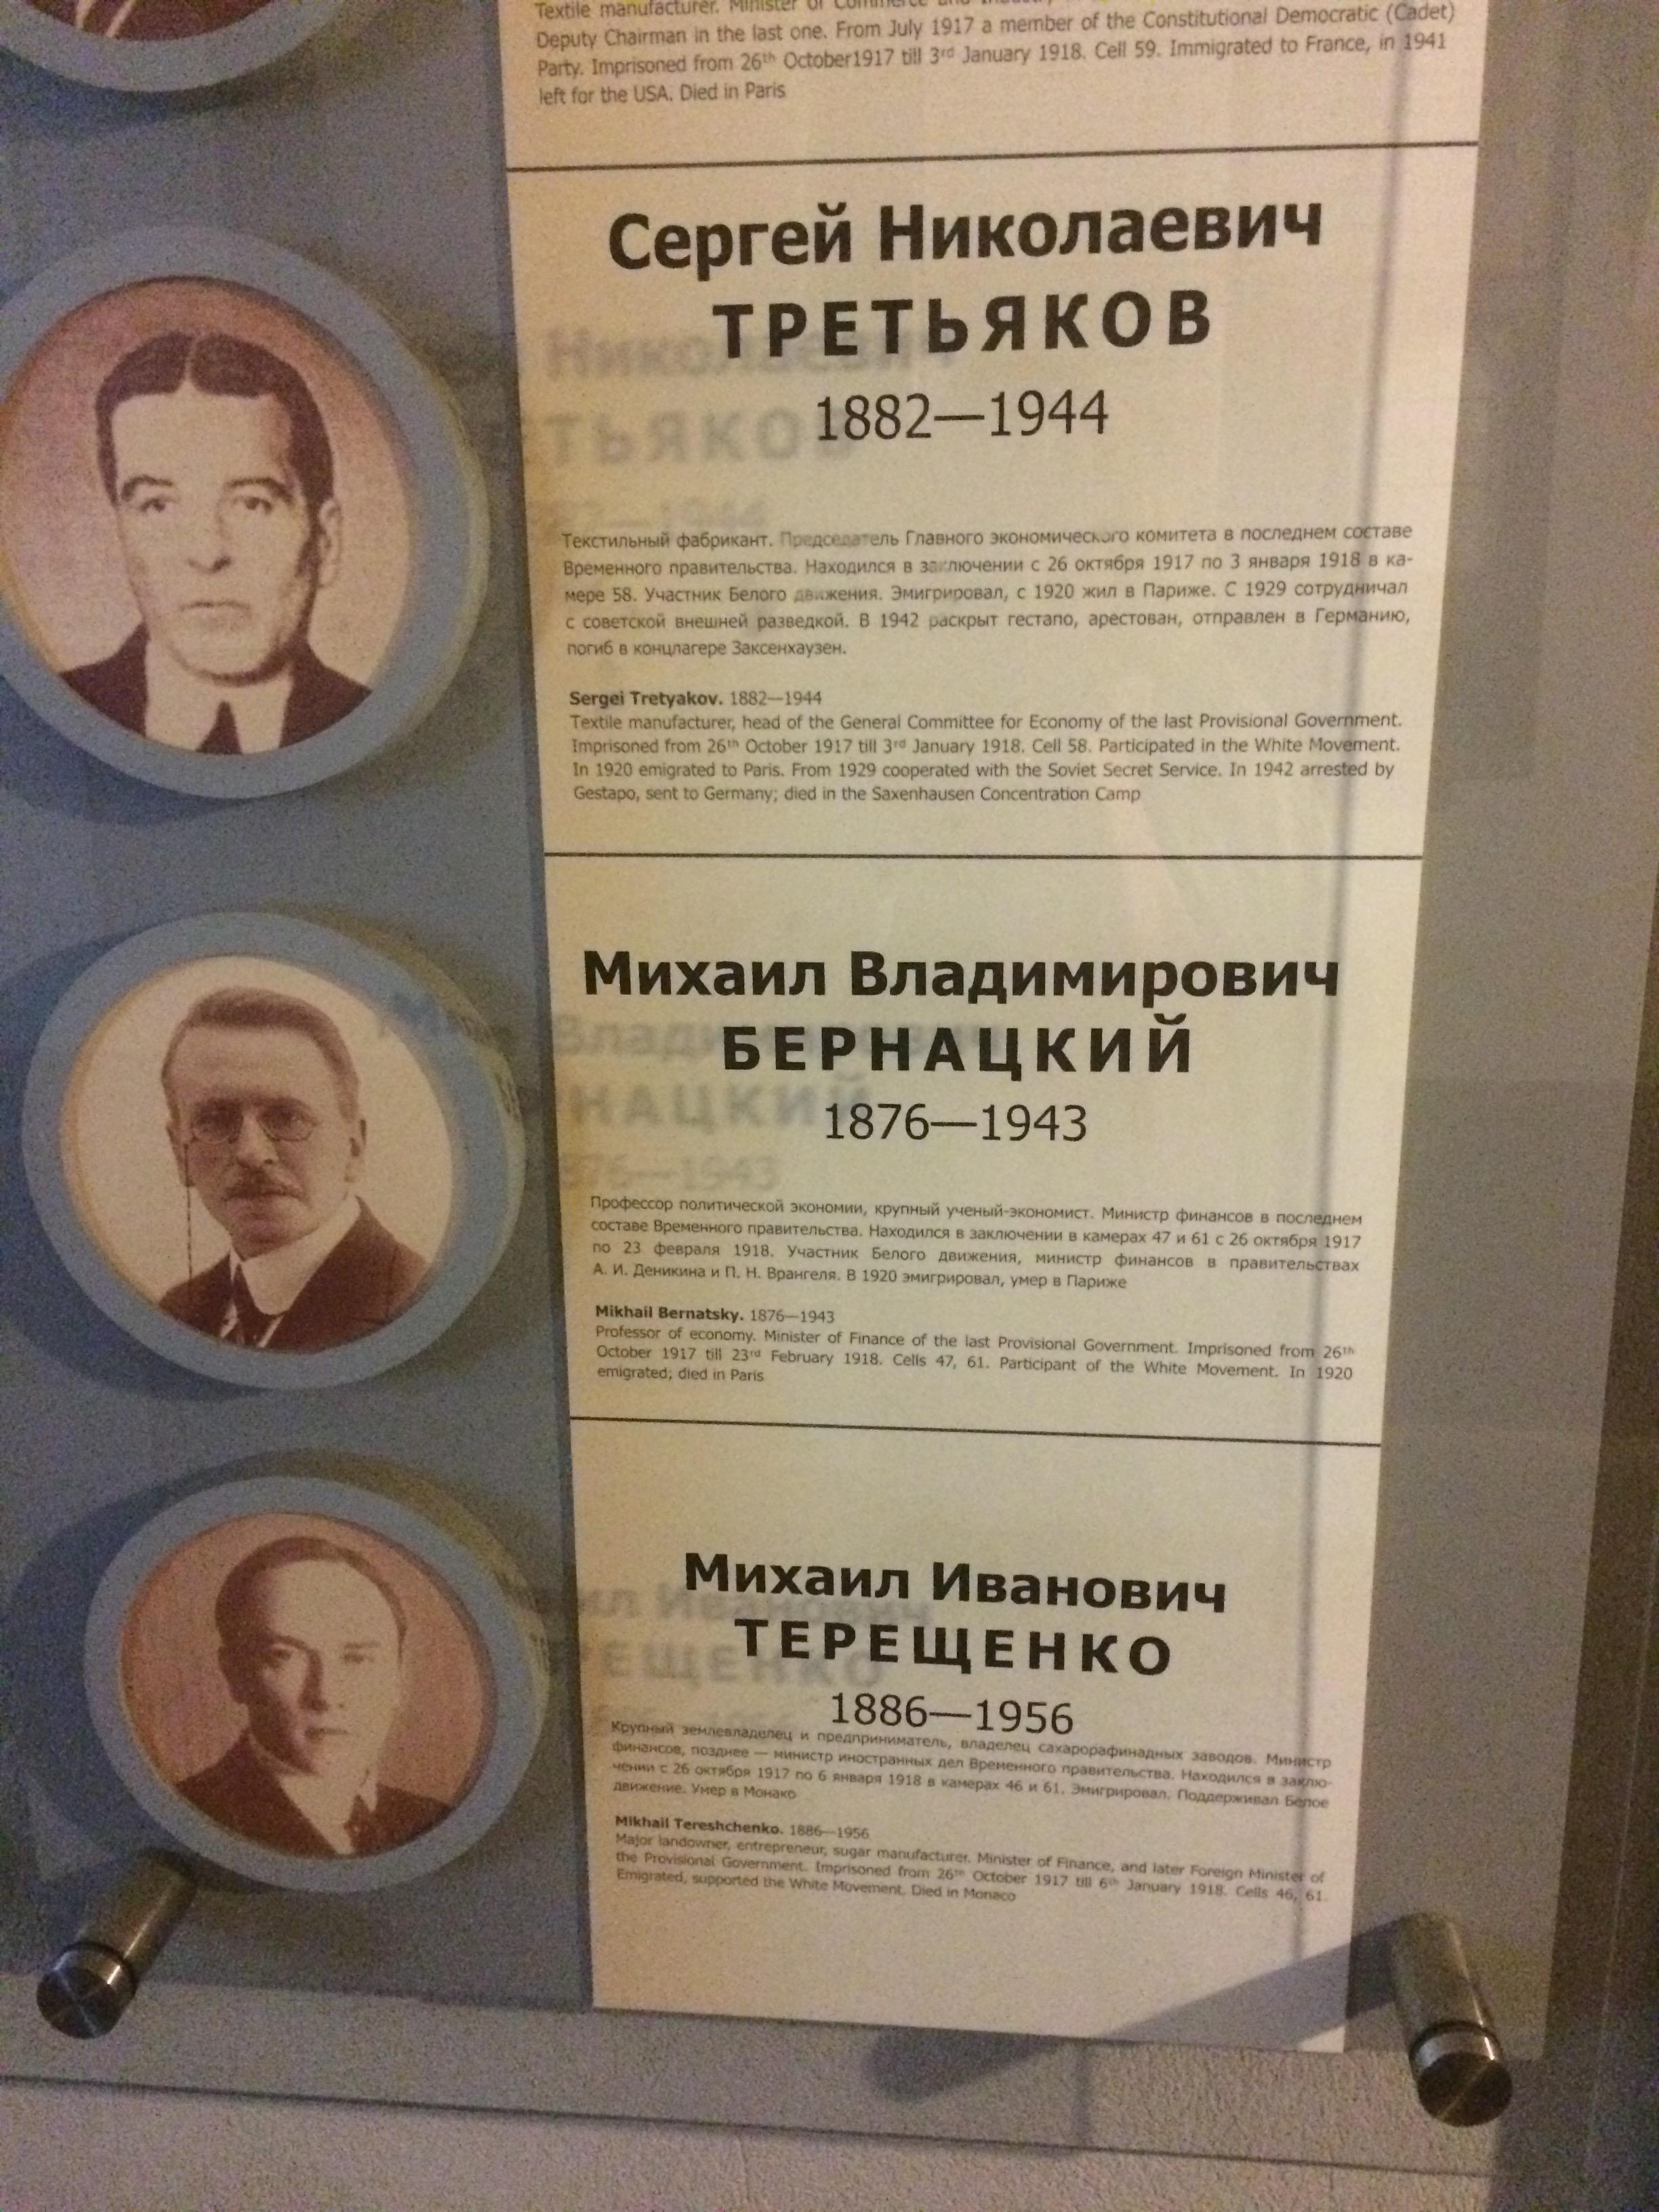 ЯН ВАЛЕТОВ 1917 СКАЧАТЬ БЕСПЛАТНО